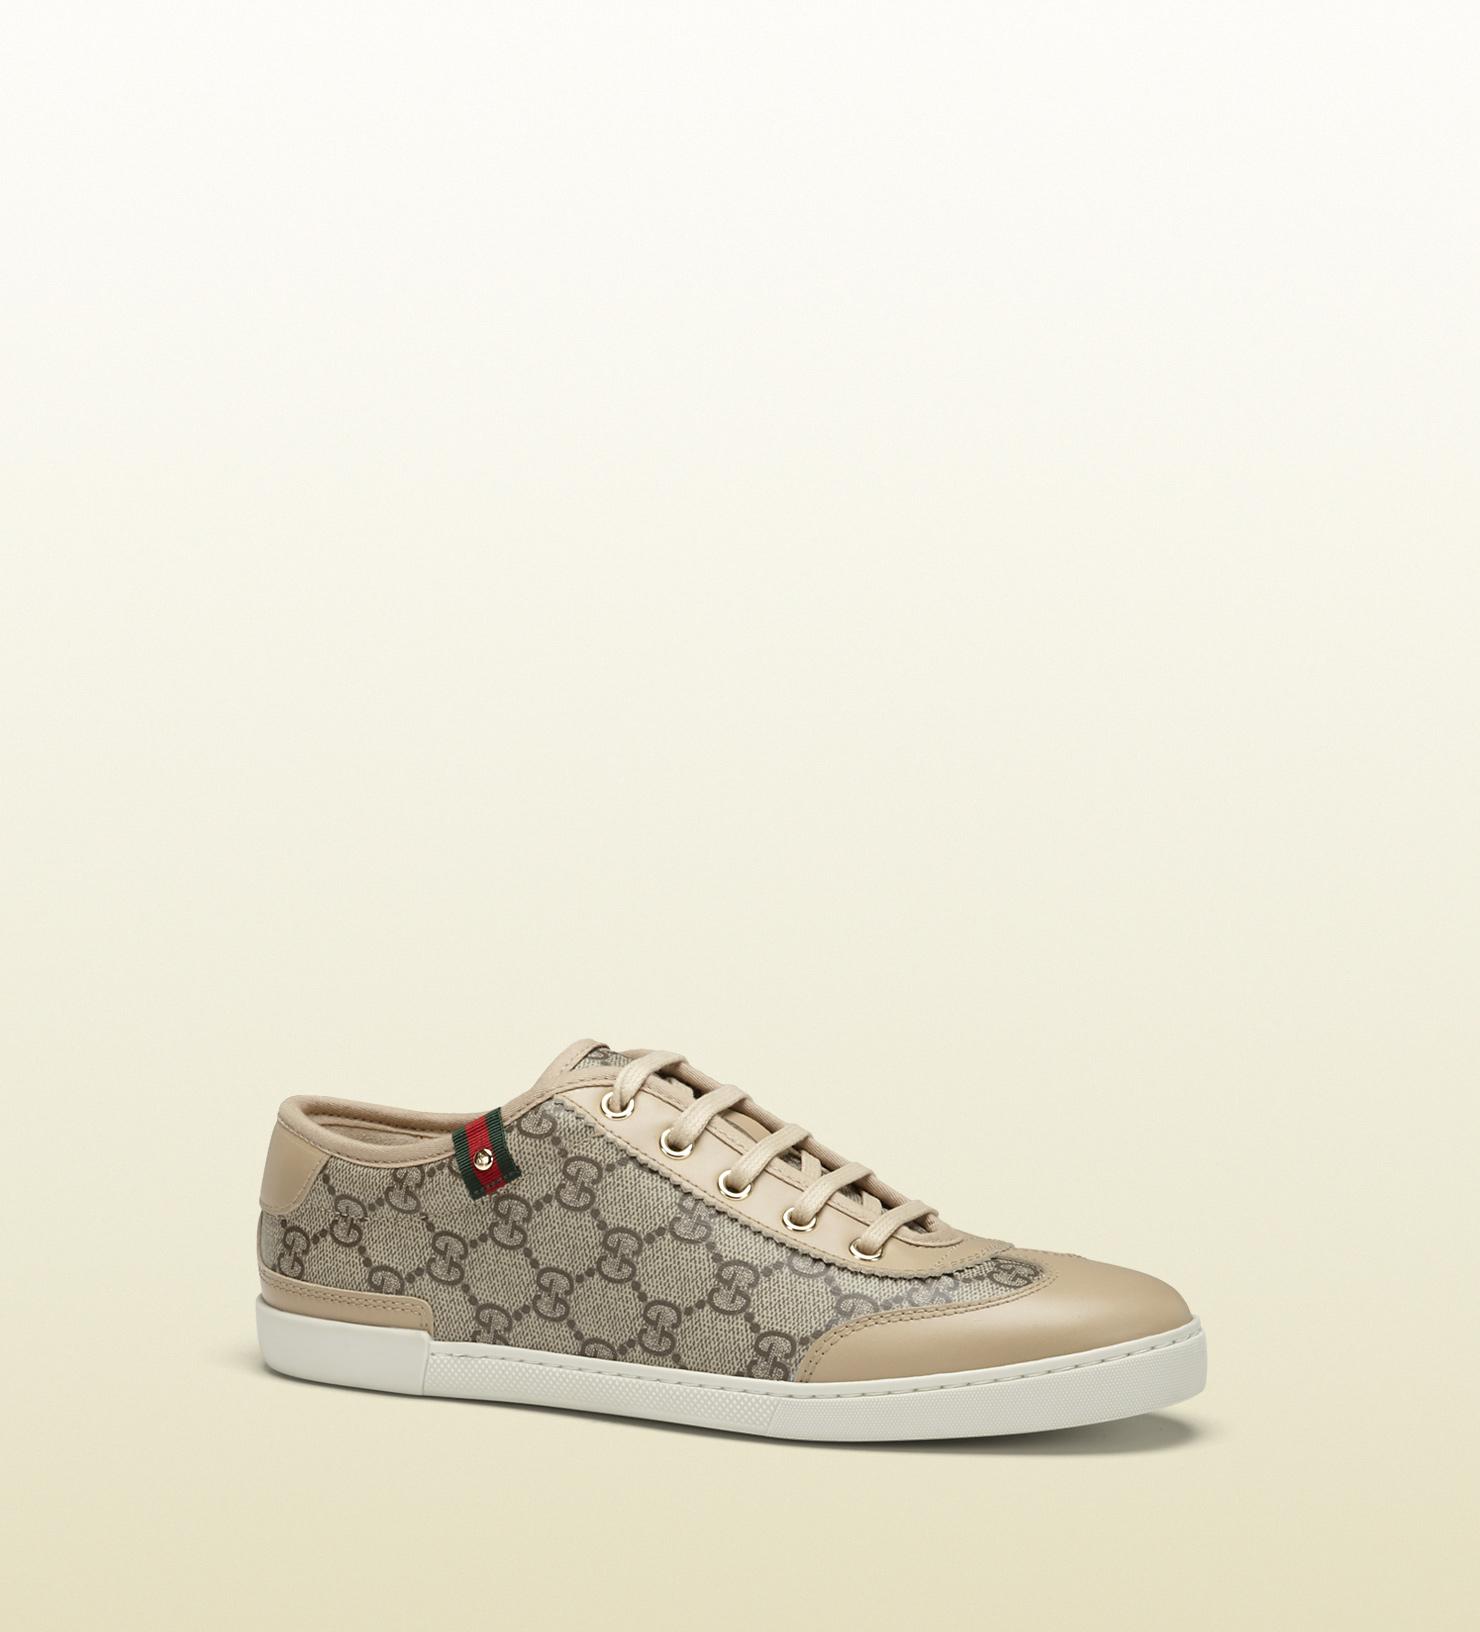 c0755ed5359 Lyst - Gucci Barcelona Gg Supreme Canvas Sneaker in Gray